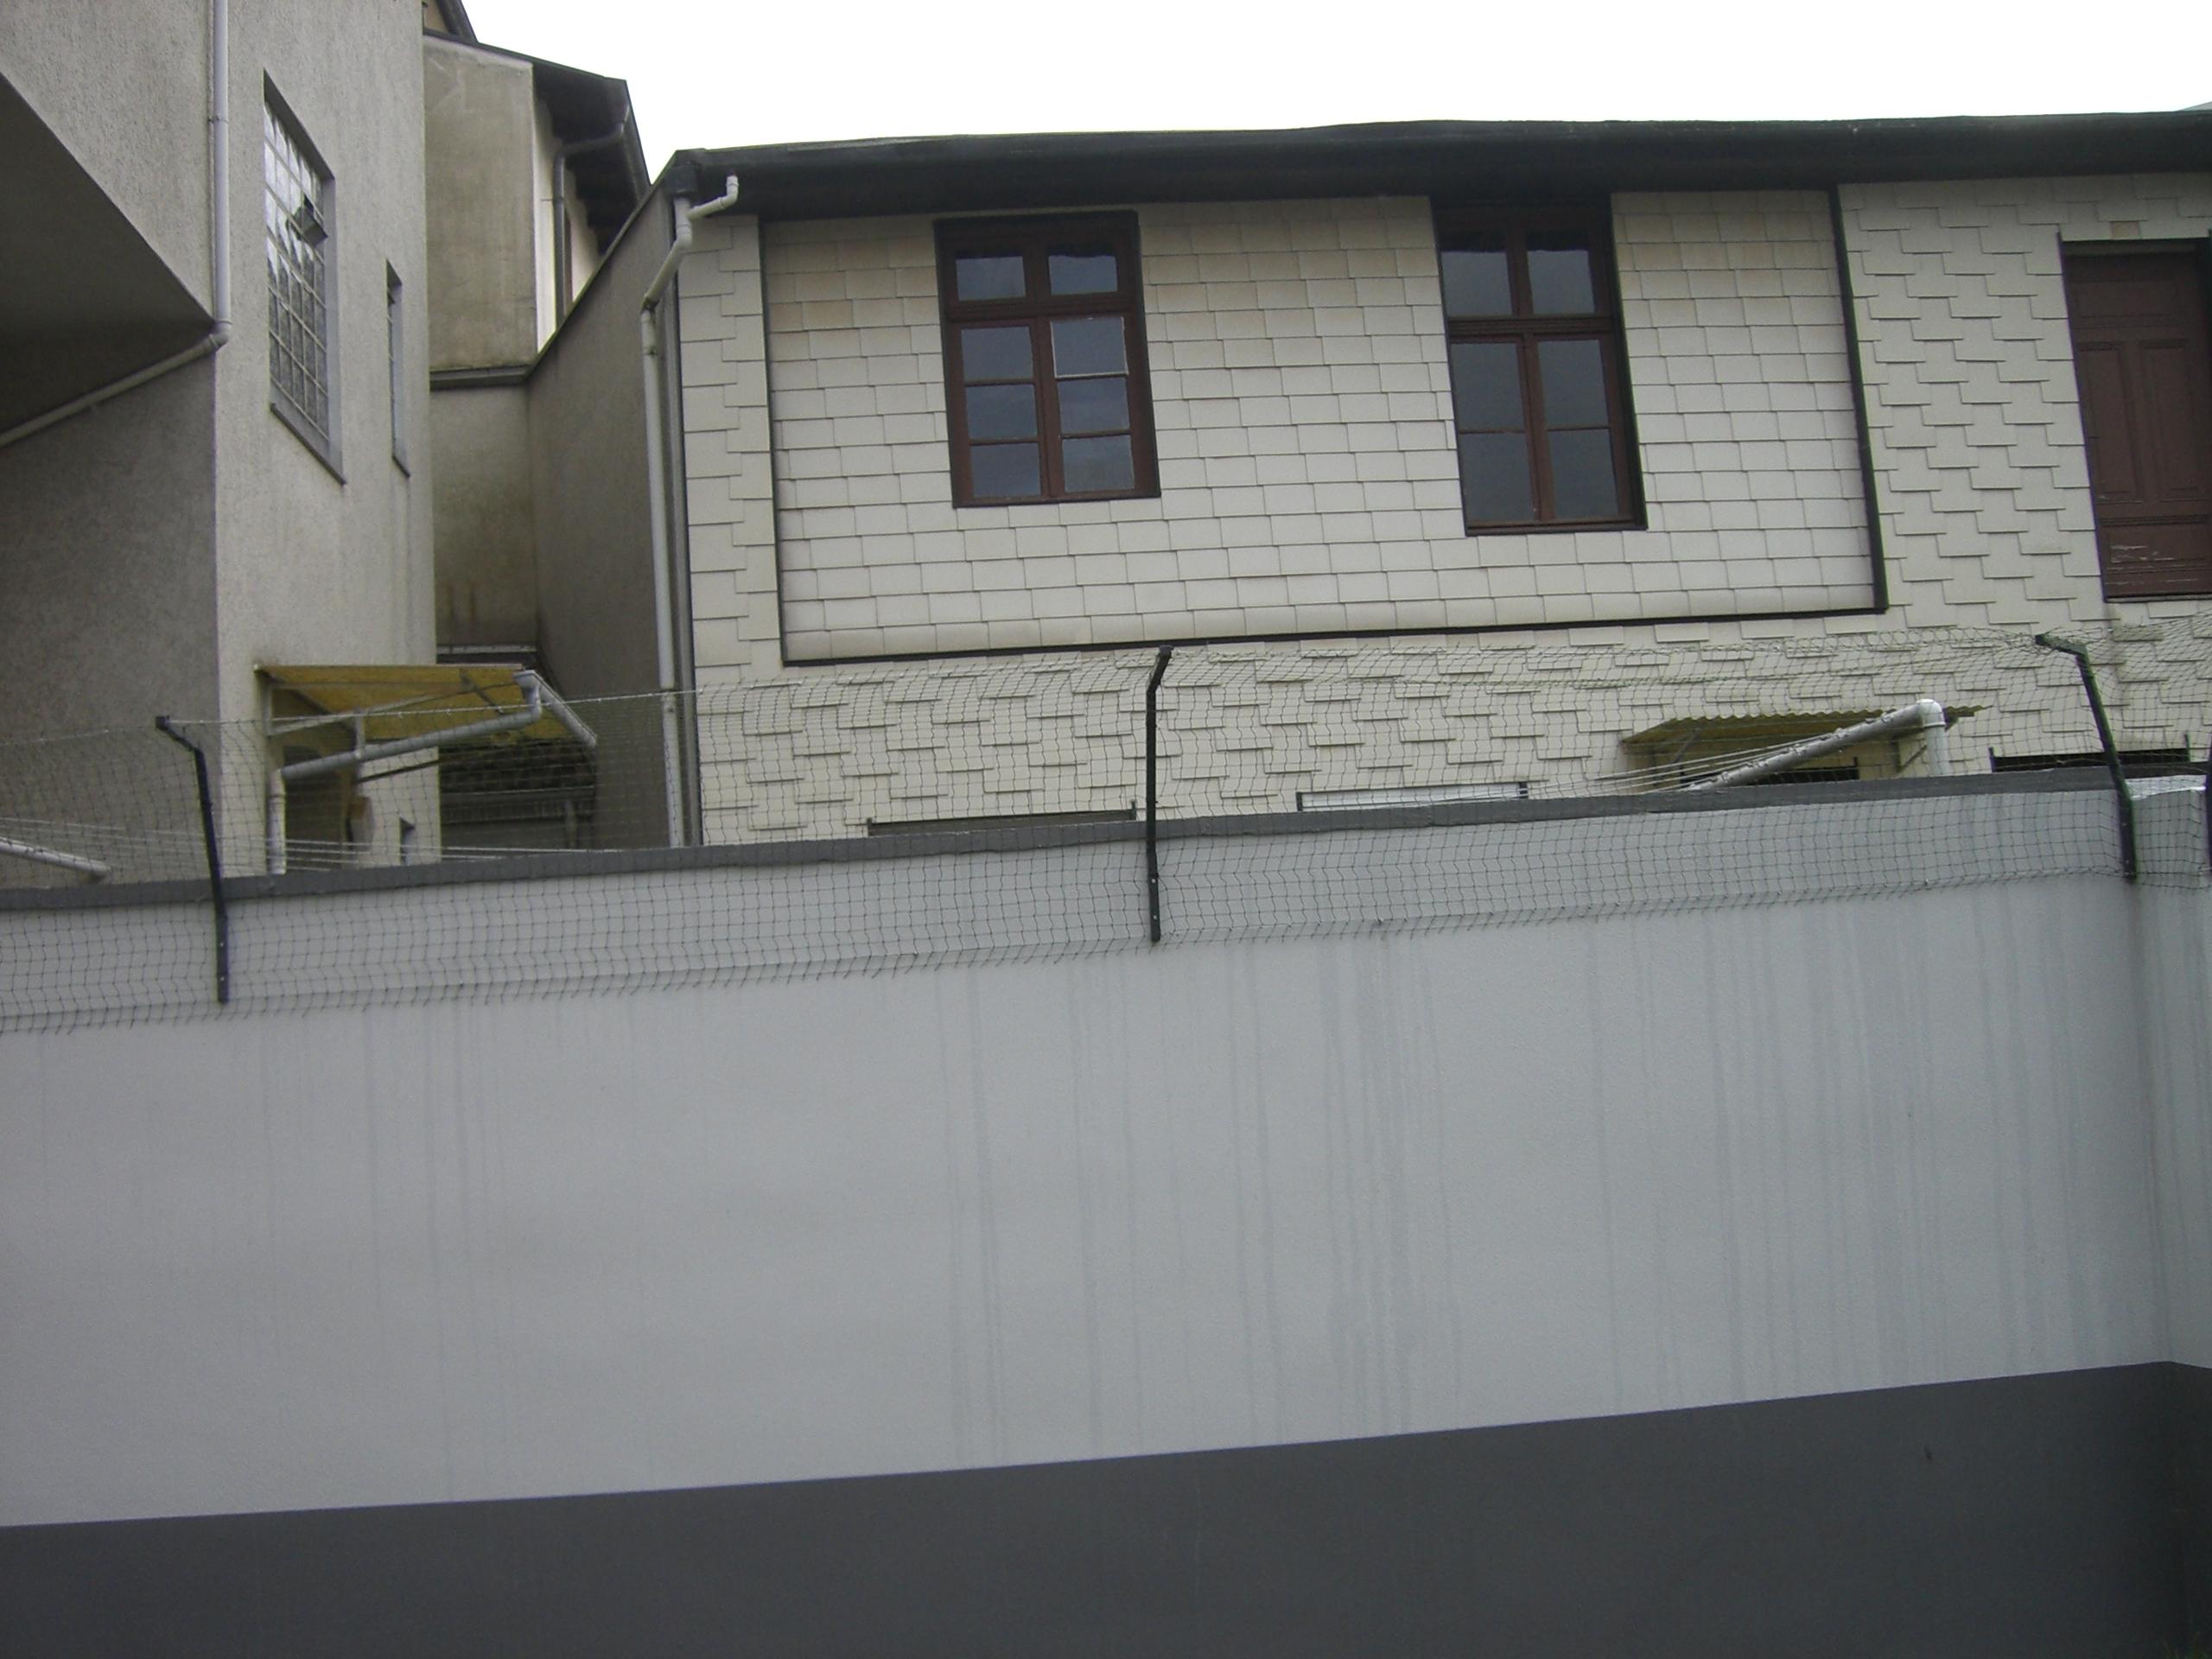 doppelter berkletterschutz an mauer katzennetze nrw der katzennetz profi. Black Bedroom Furniture Sets. Home Design Ideas